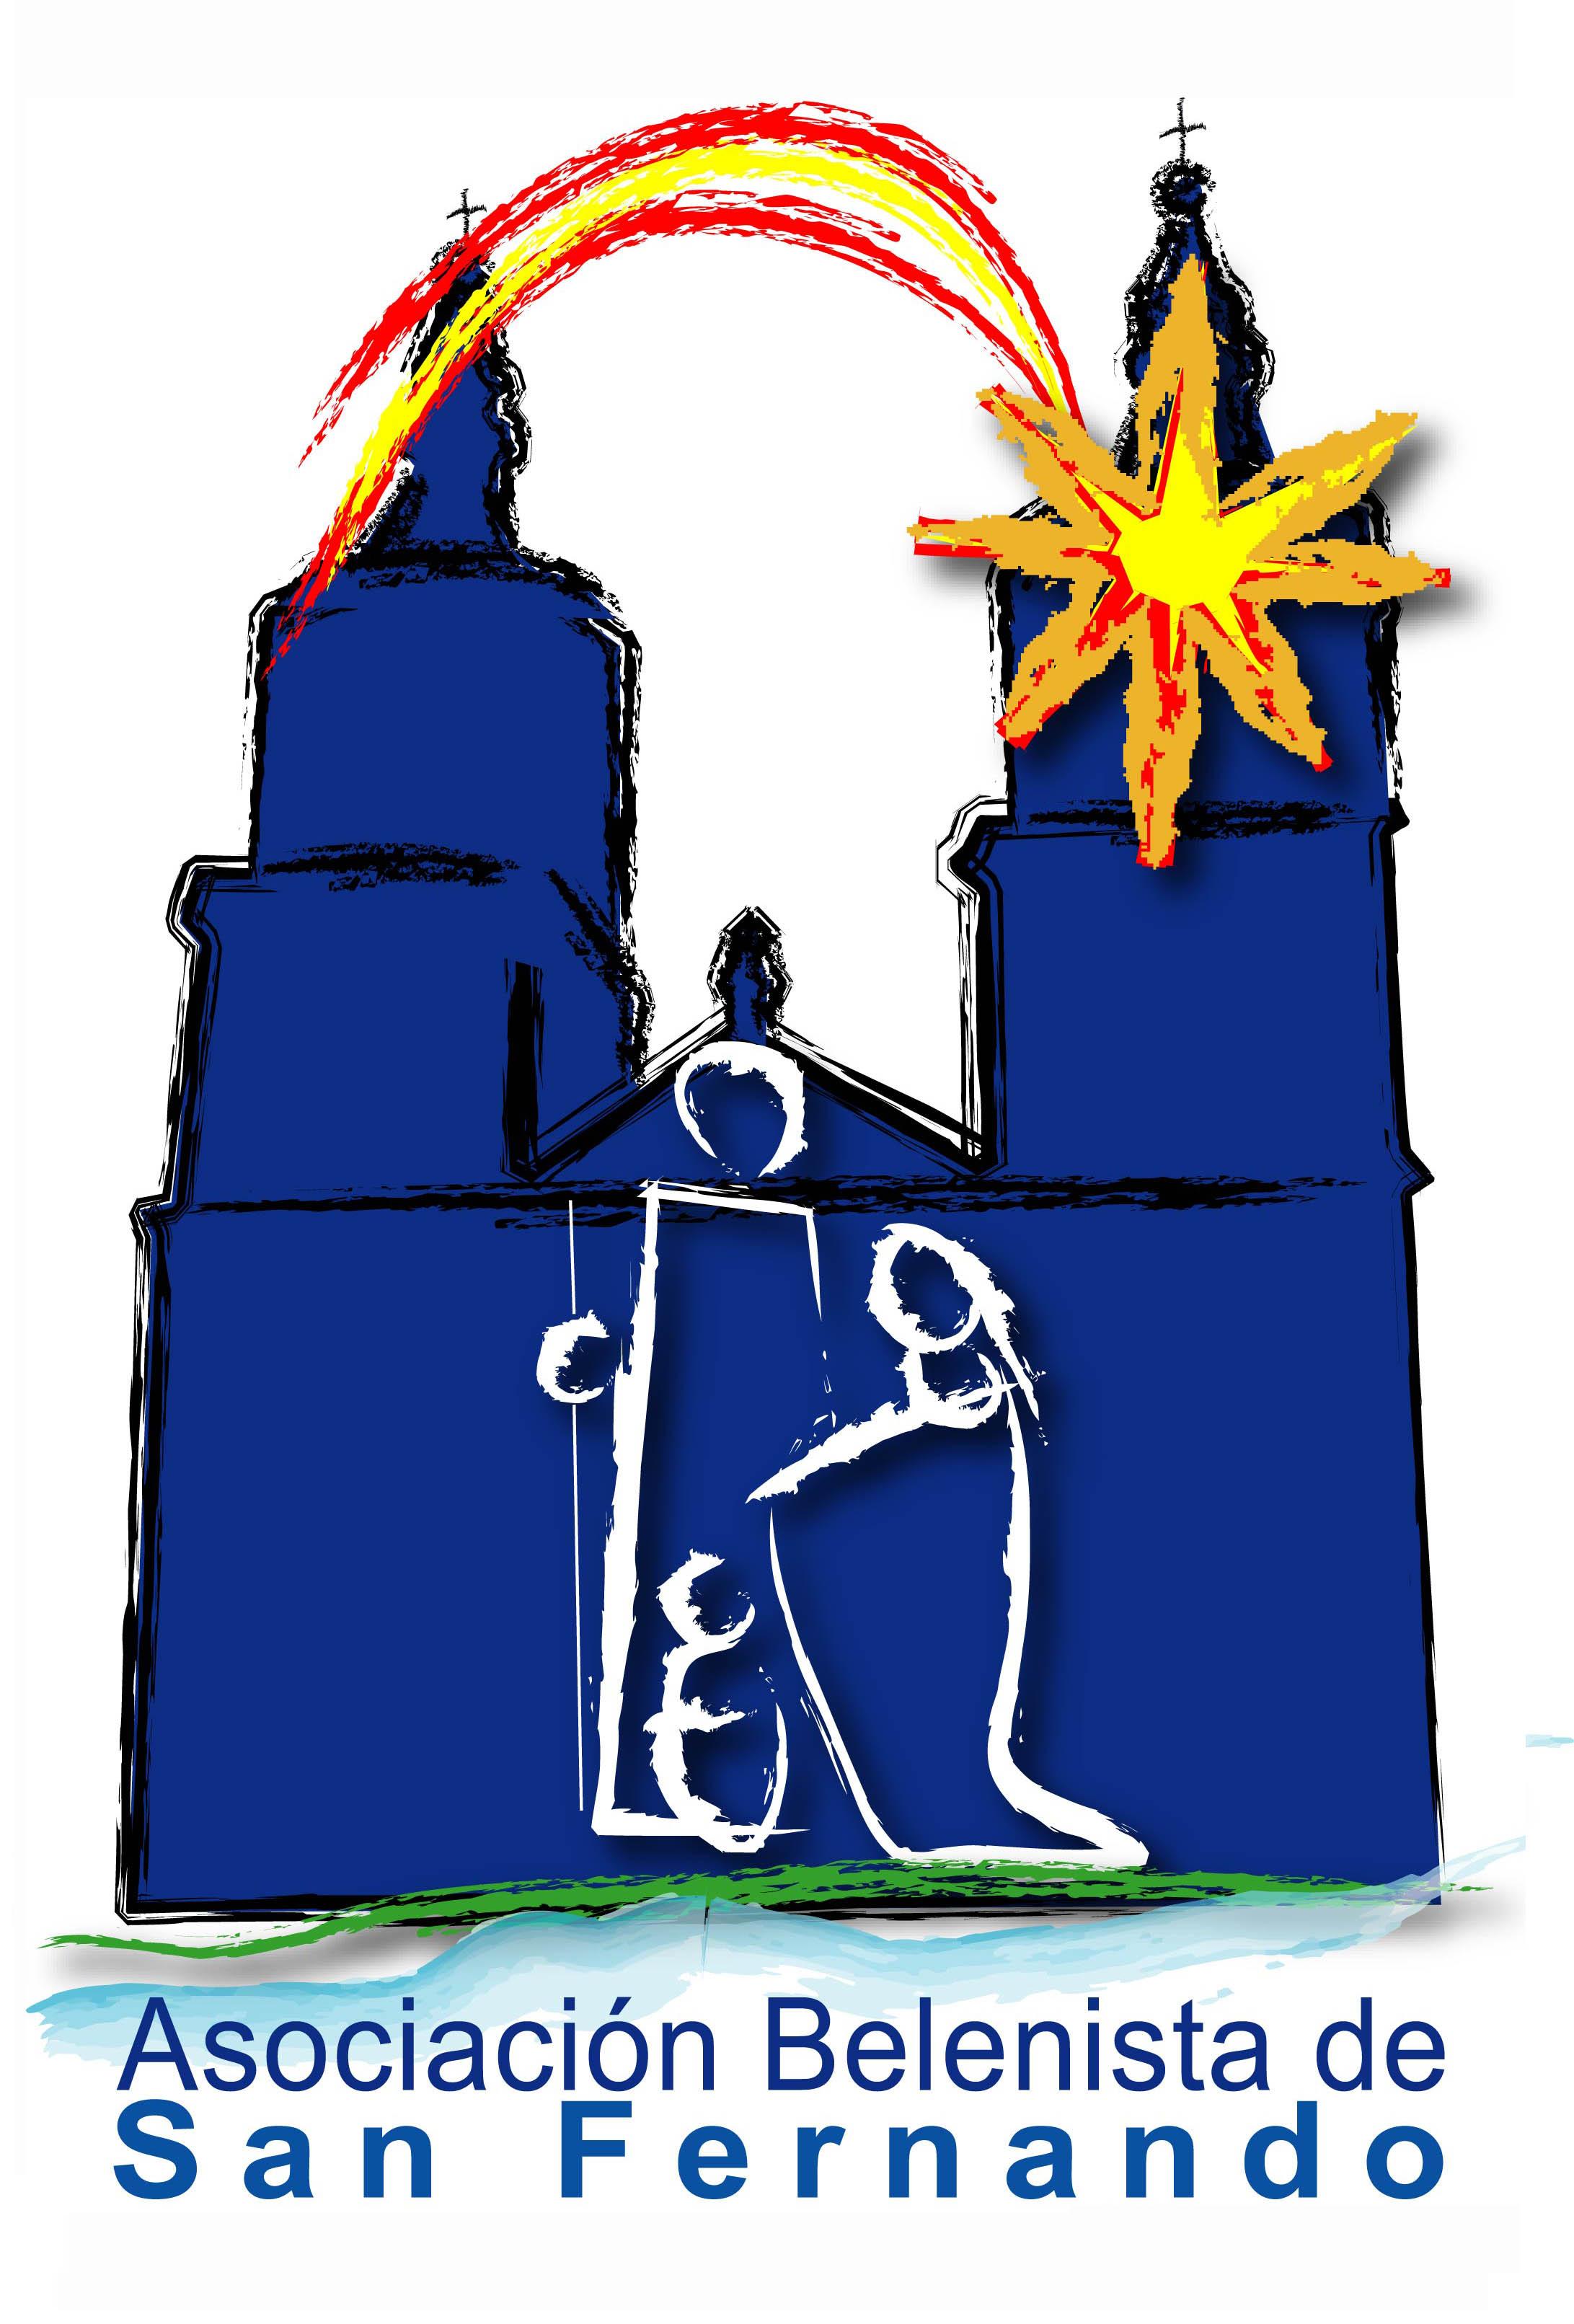 Logo de la Asociación de Belenistas de San Fernando (El Redentor)